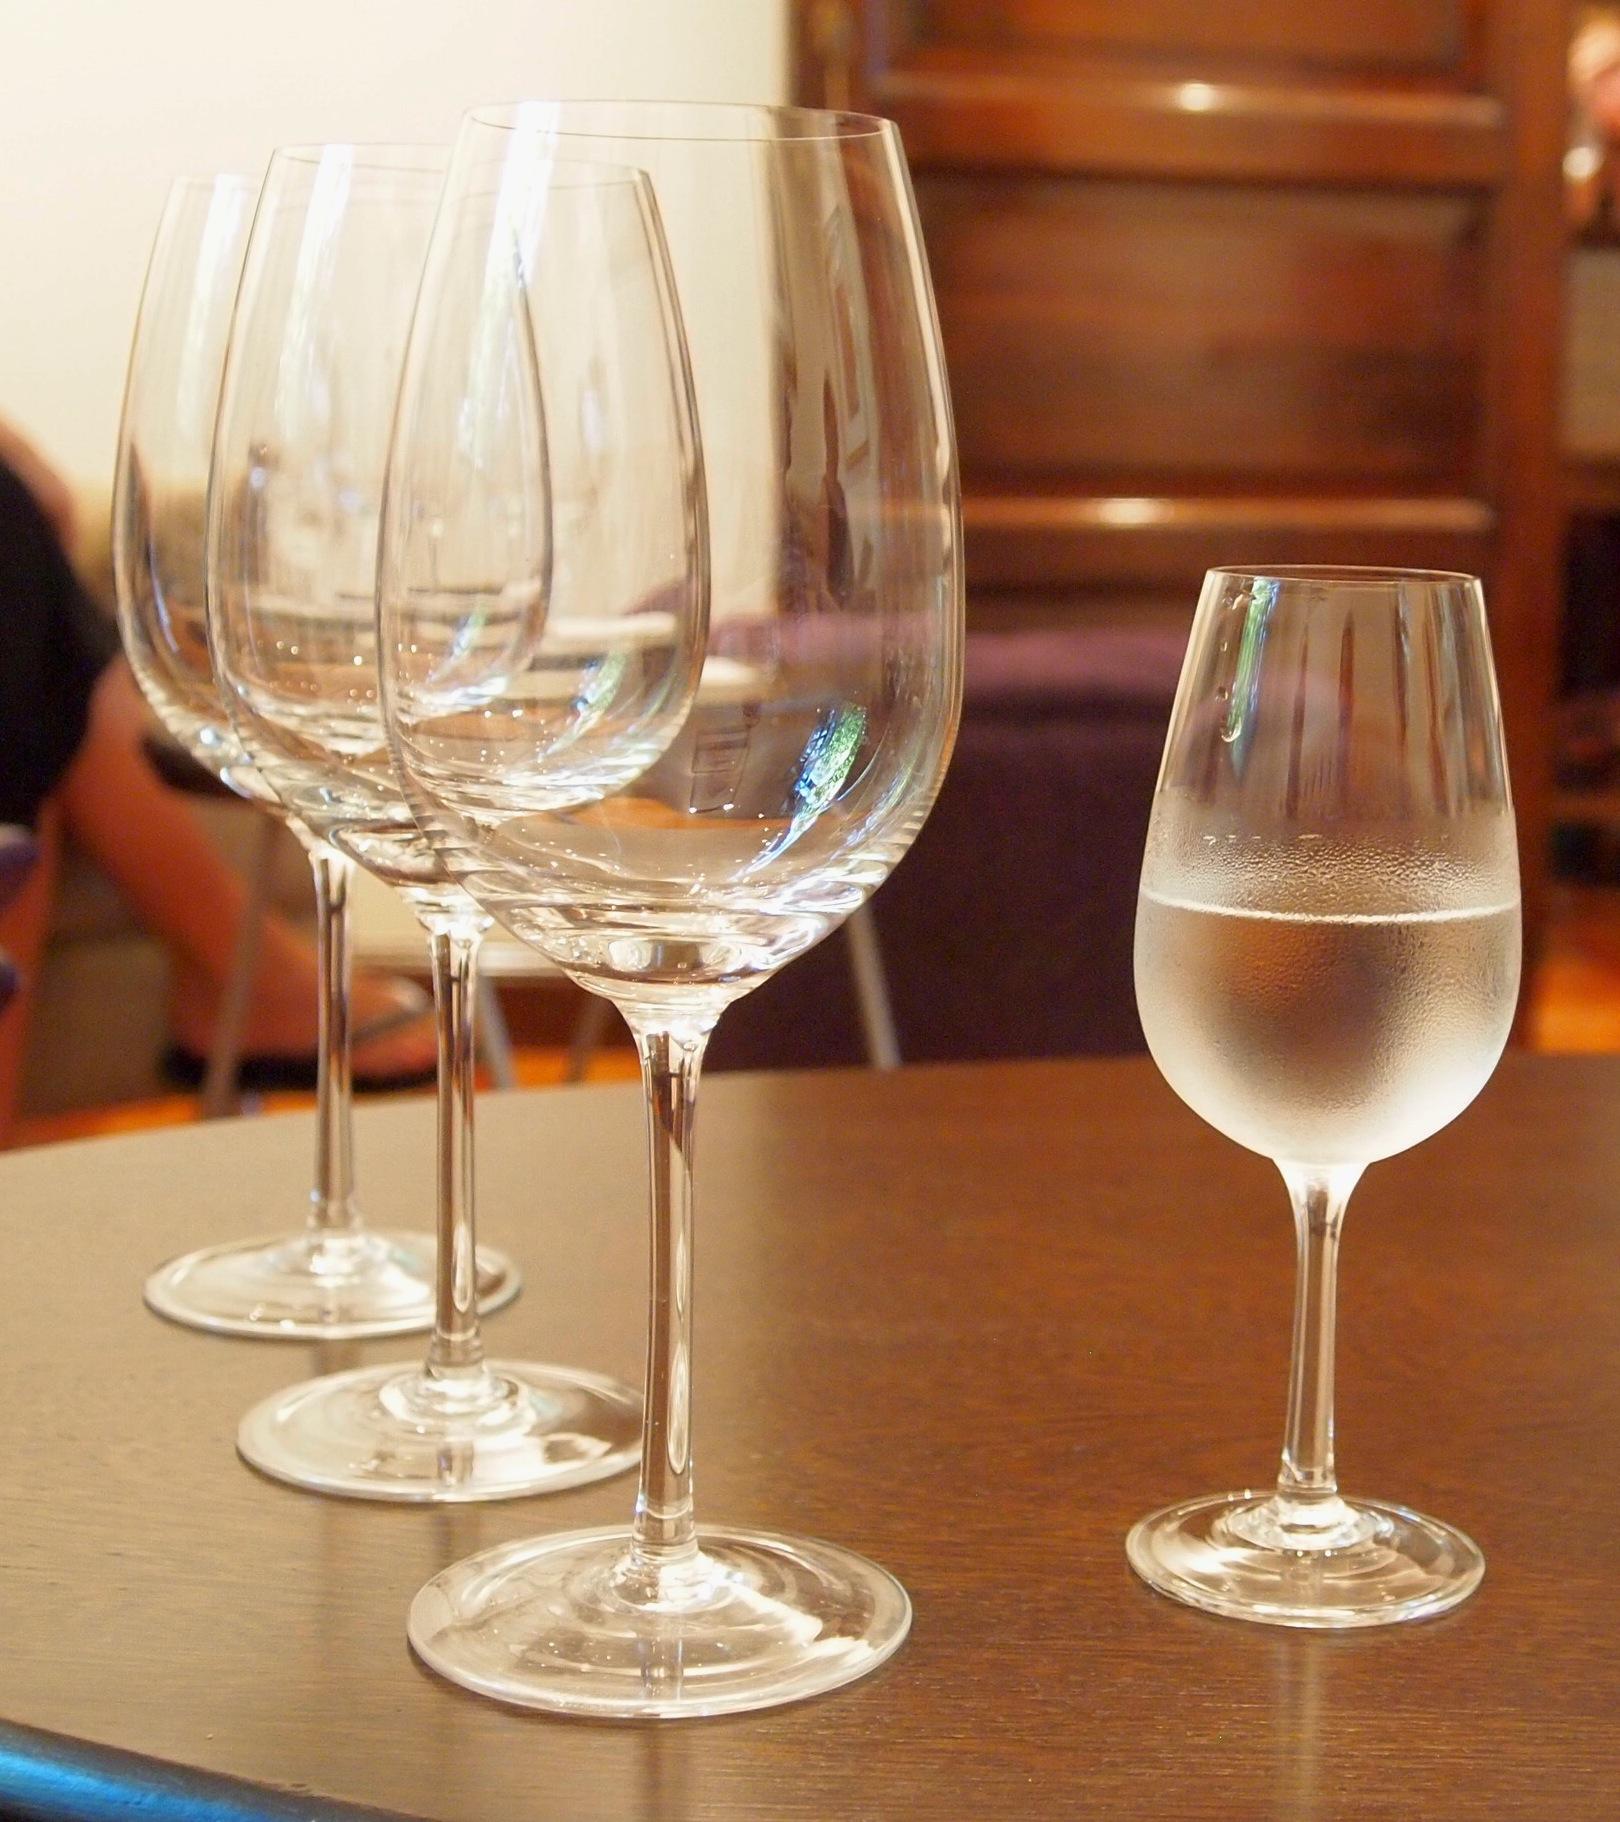 Vino tasting in Mendoza!